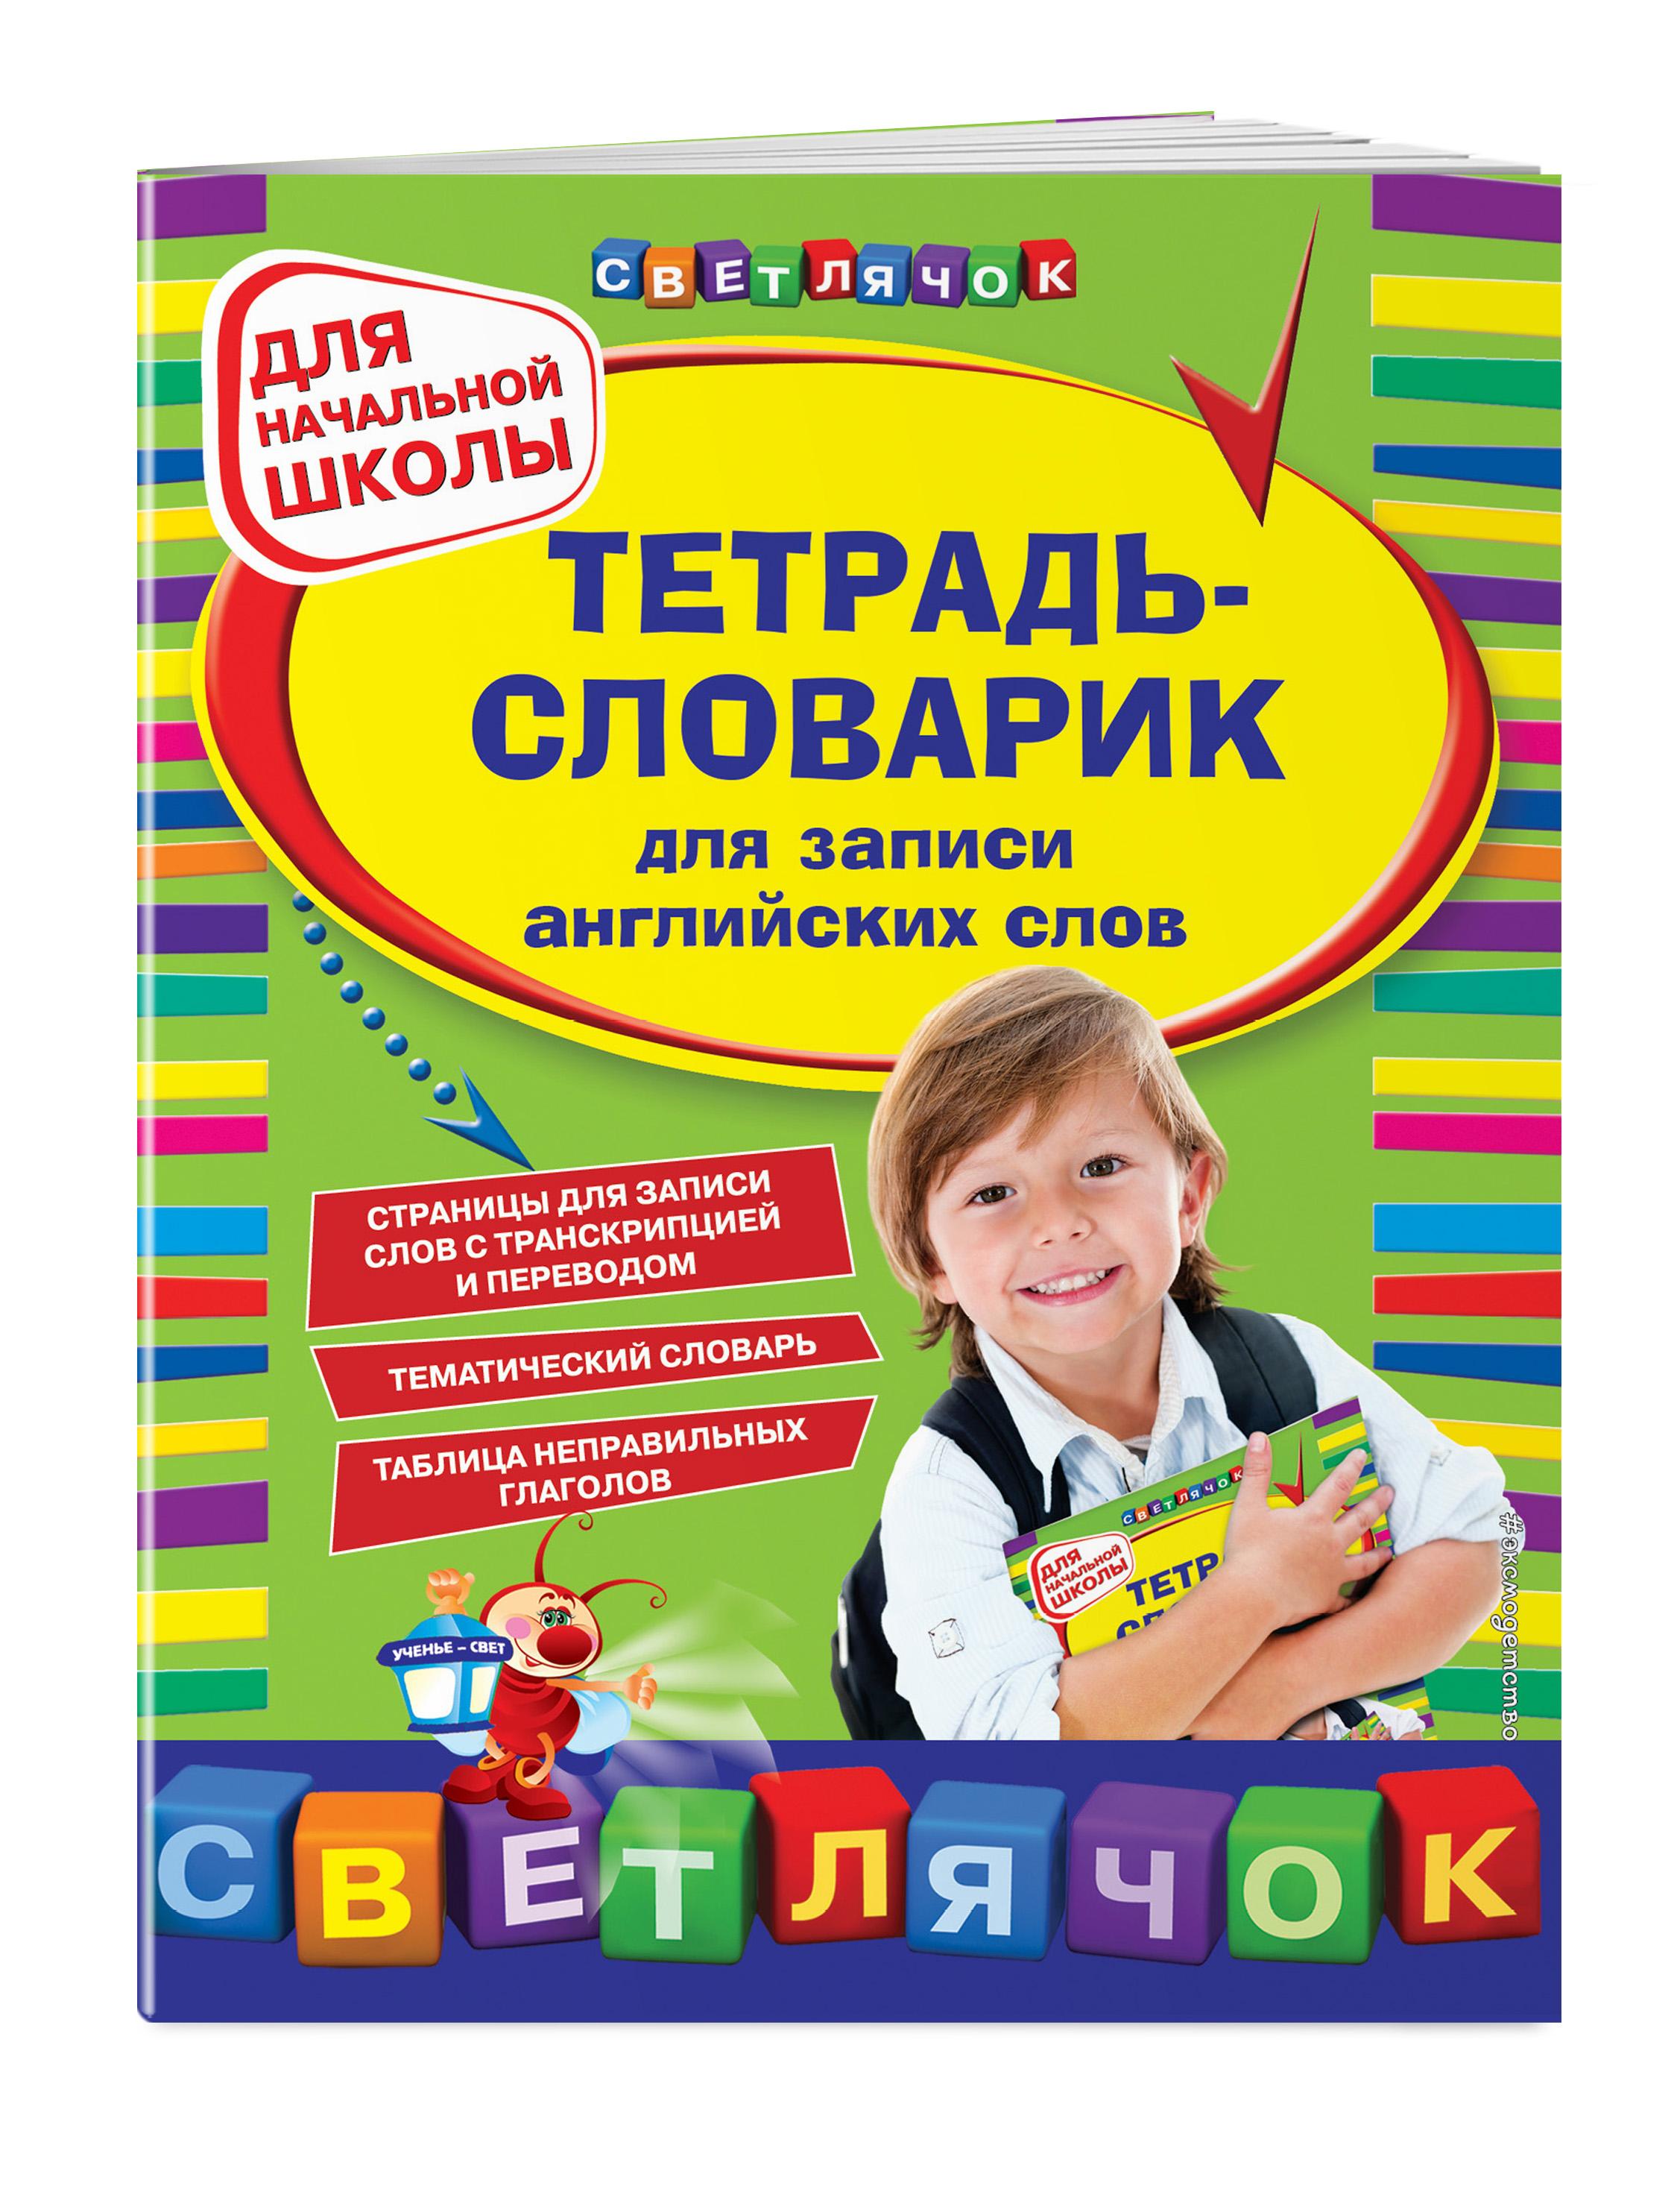 Тетрадь-словарик для записи английских слов